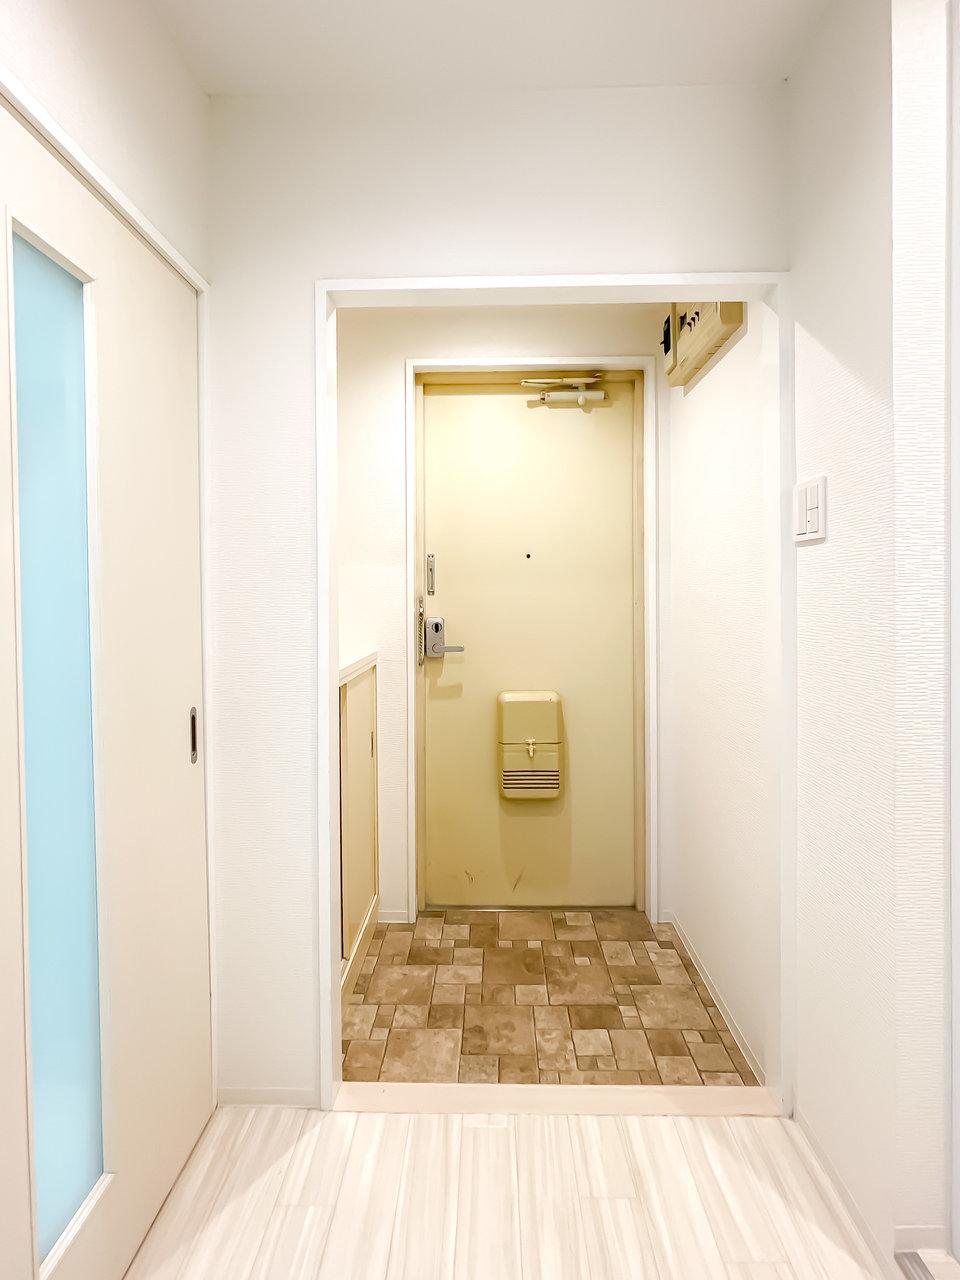 玄関も広く感じますね。床に敷かれたタイルも、ナチュラルな感じでかわいい!